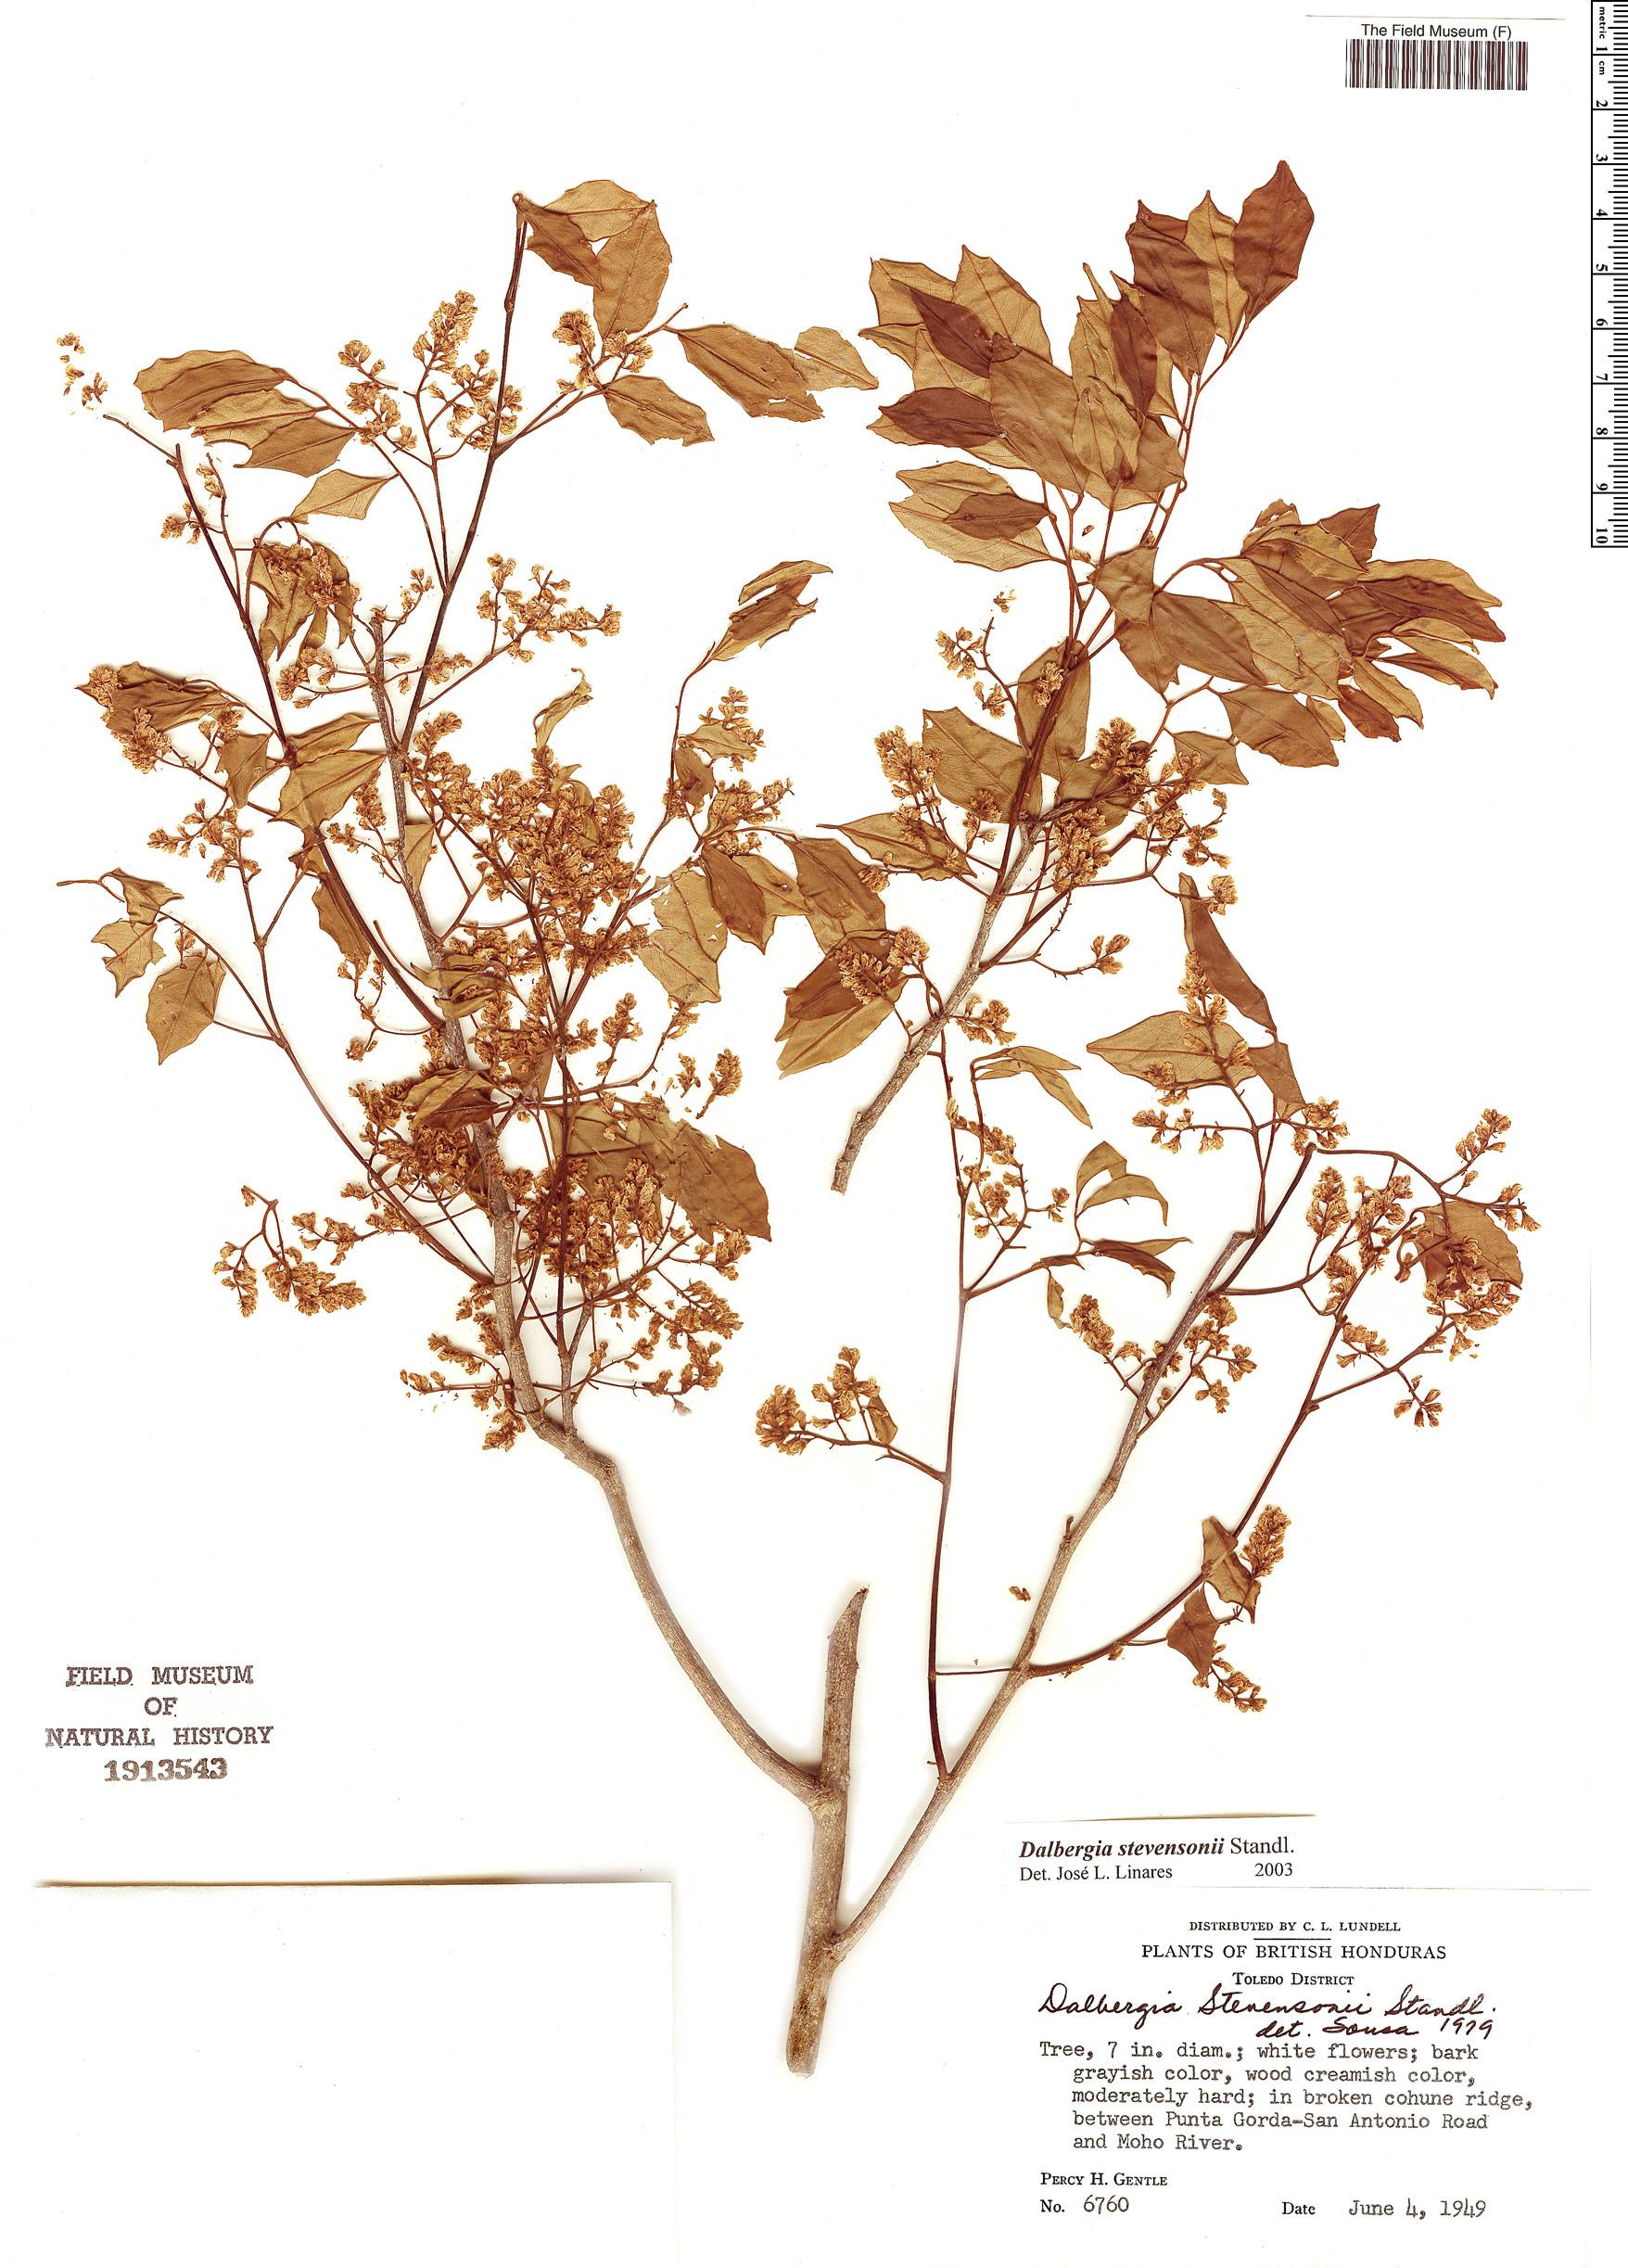 Specimen: Dalbergia stevensonii